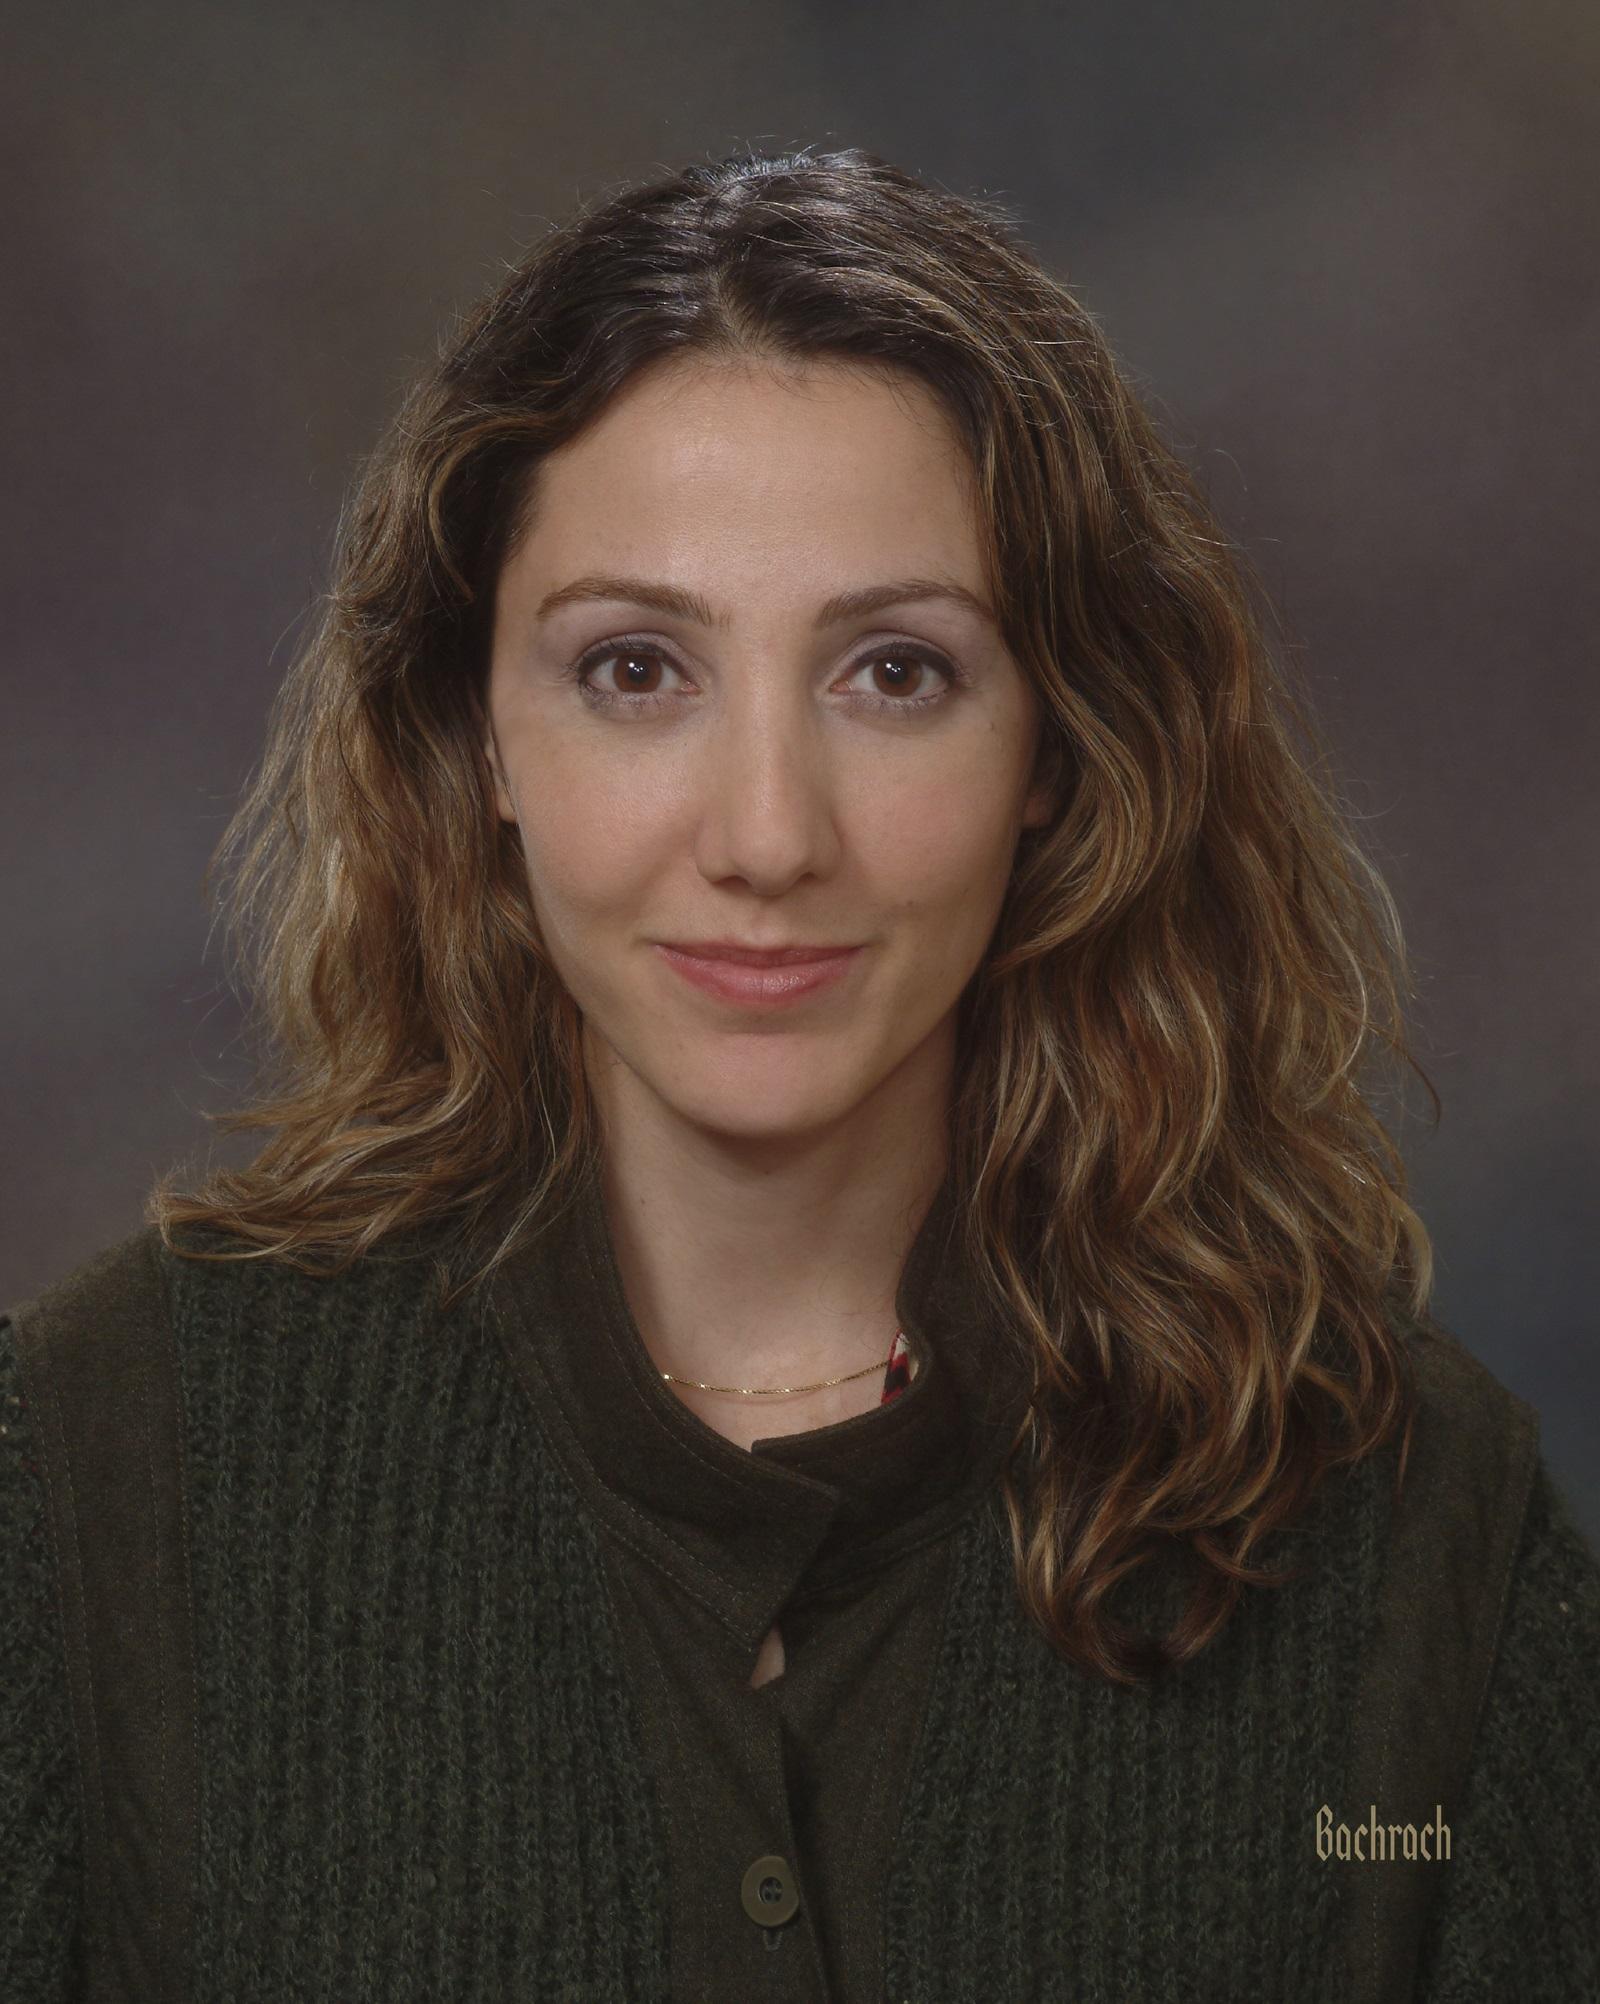 Pardis Sabeti (Florida & New College 1999)